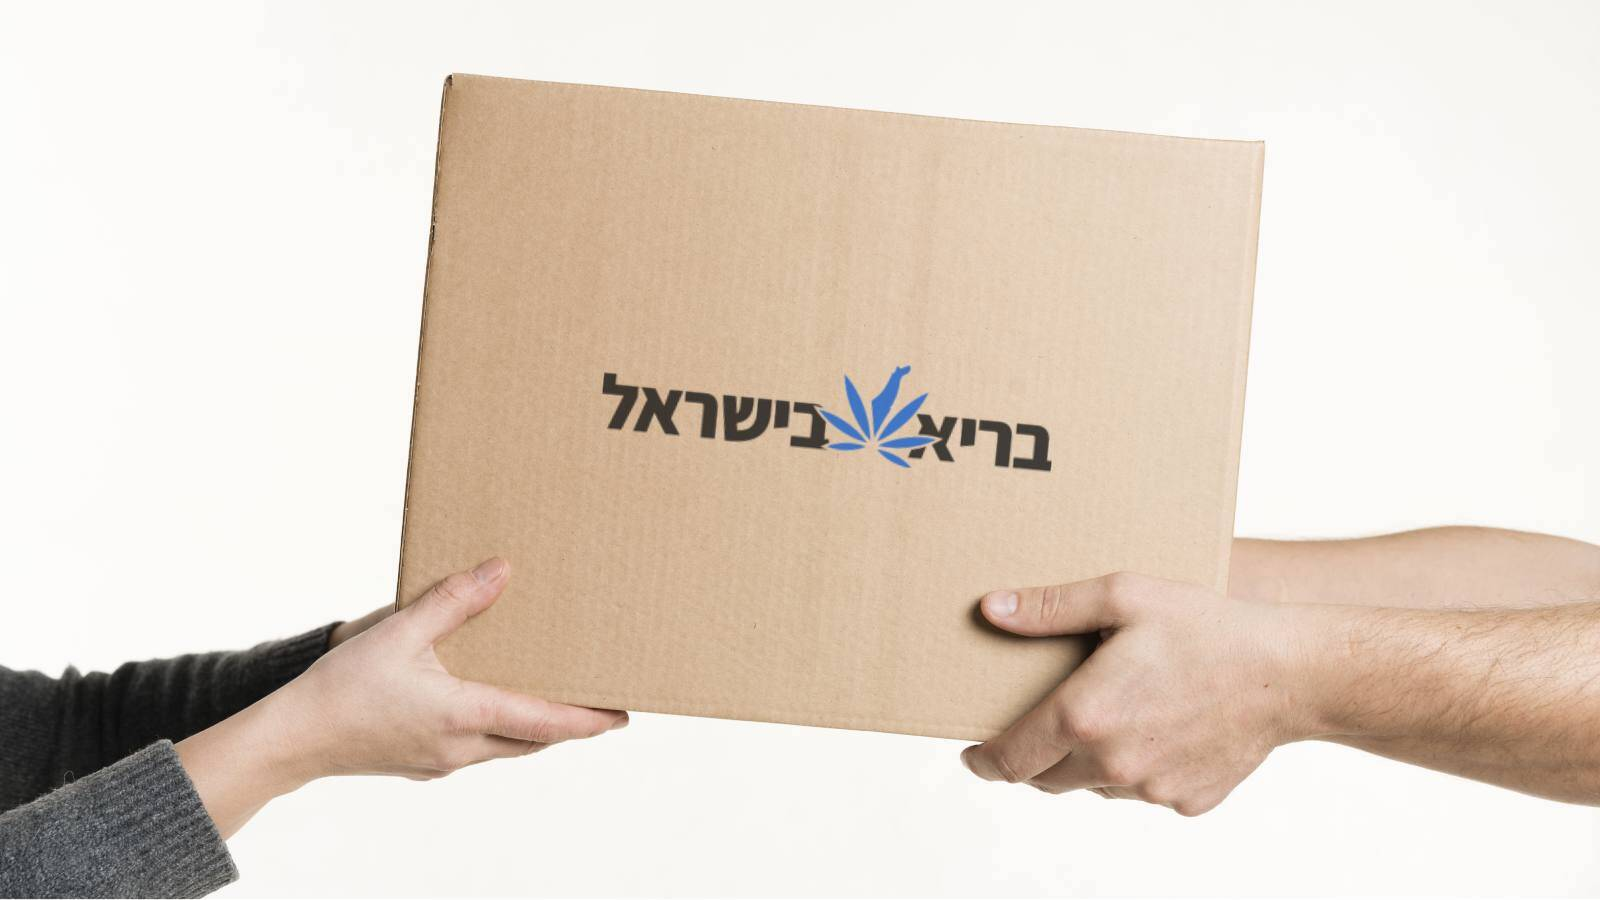 איך מחליפים ספק קנאביס רפואי? - בריא בישראל